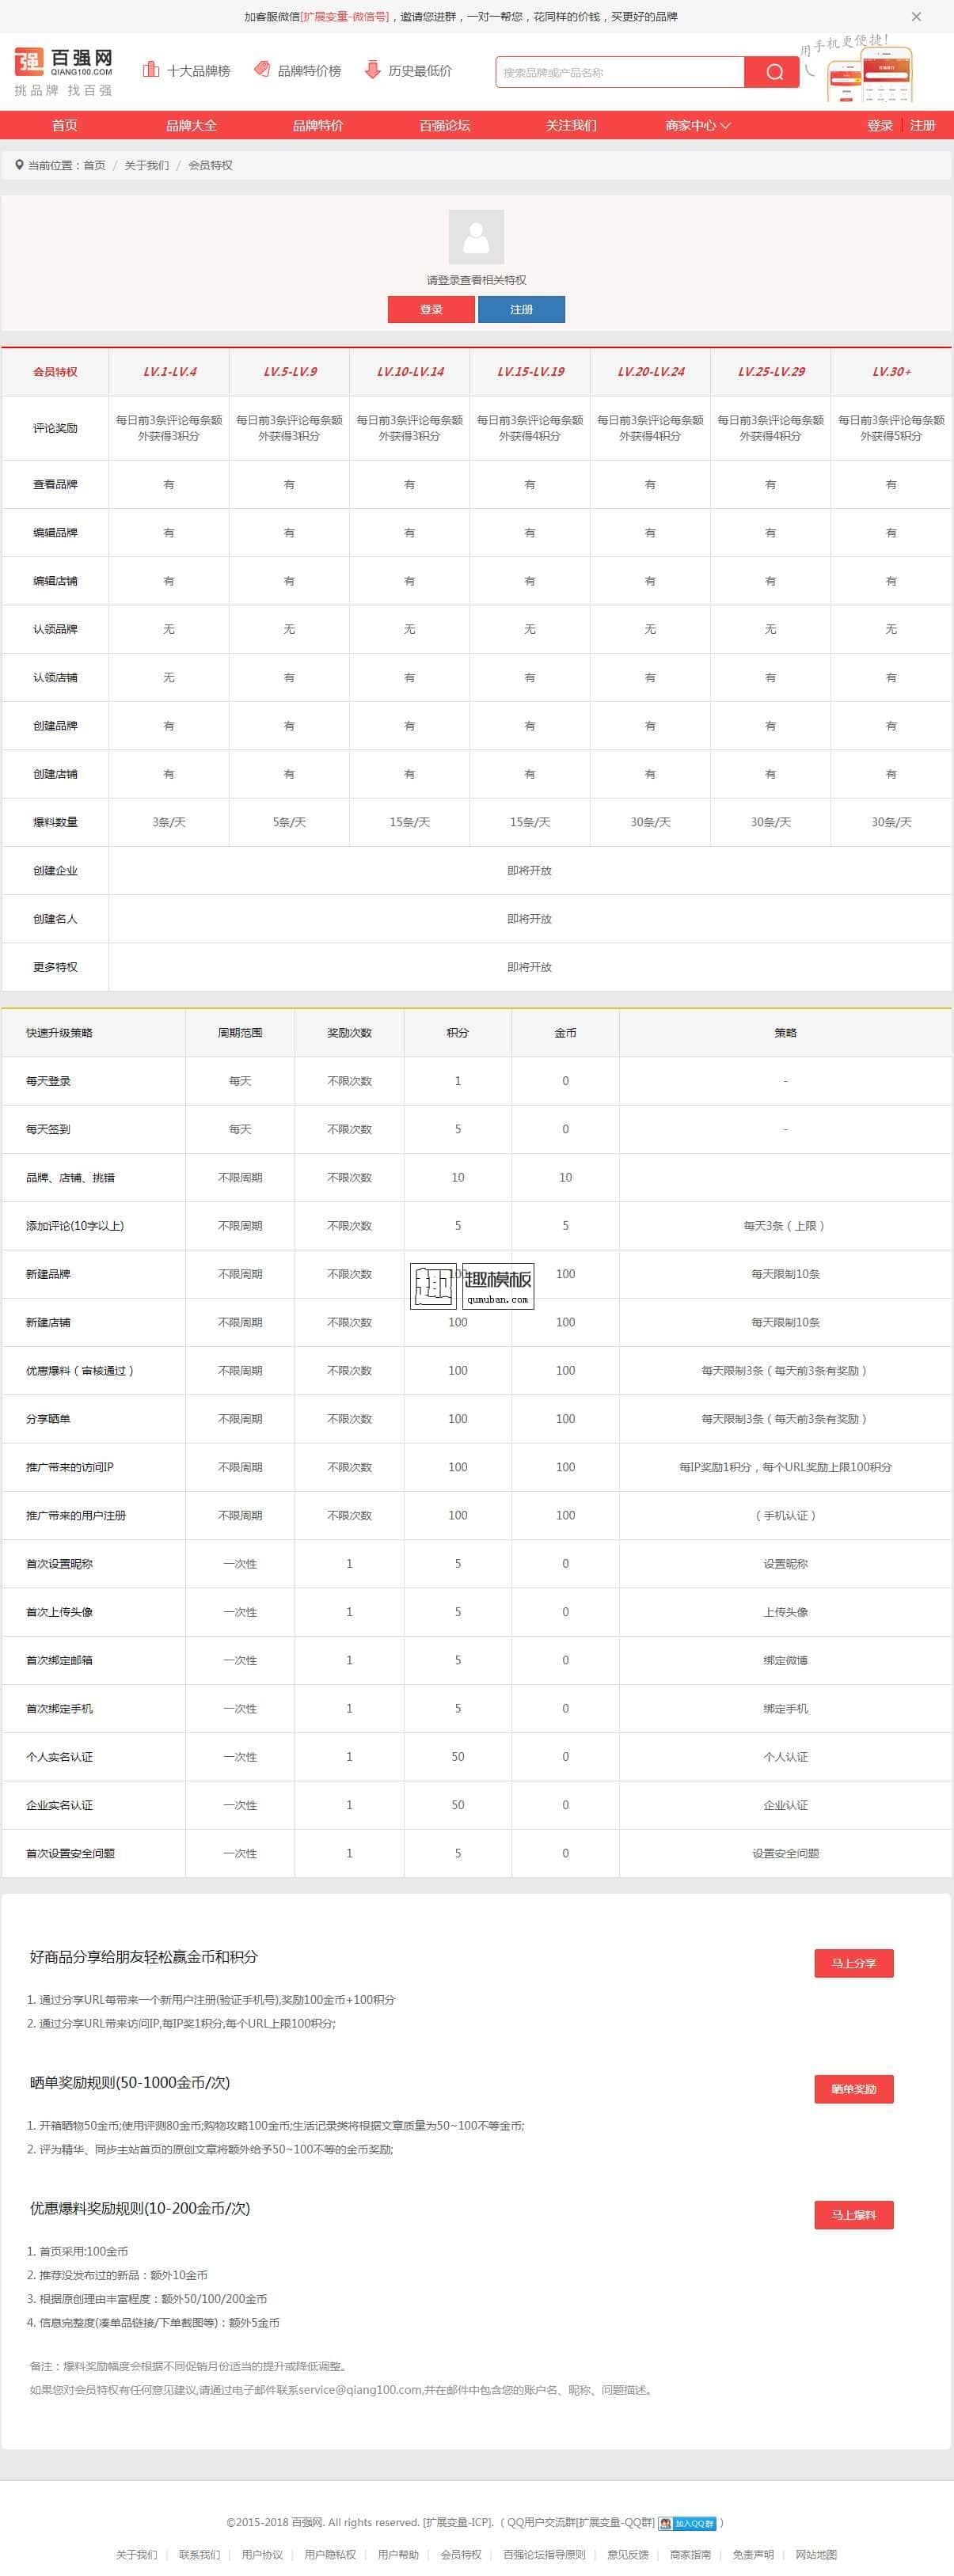 首发92GAME众筹定制帝国cms仿百强网品牌大全淘宝客特价网模板程序源码带采集 模板 第8张